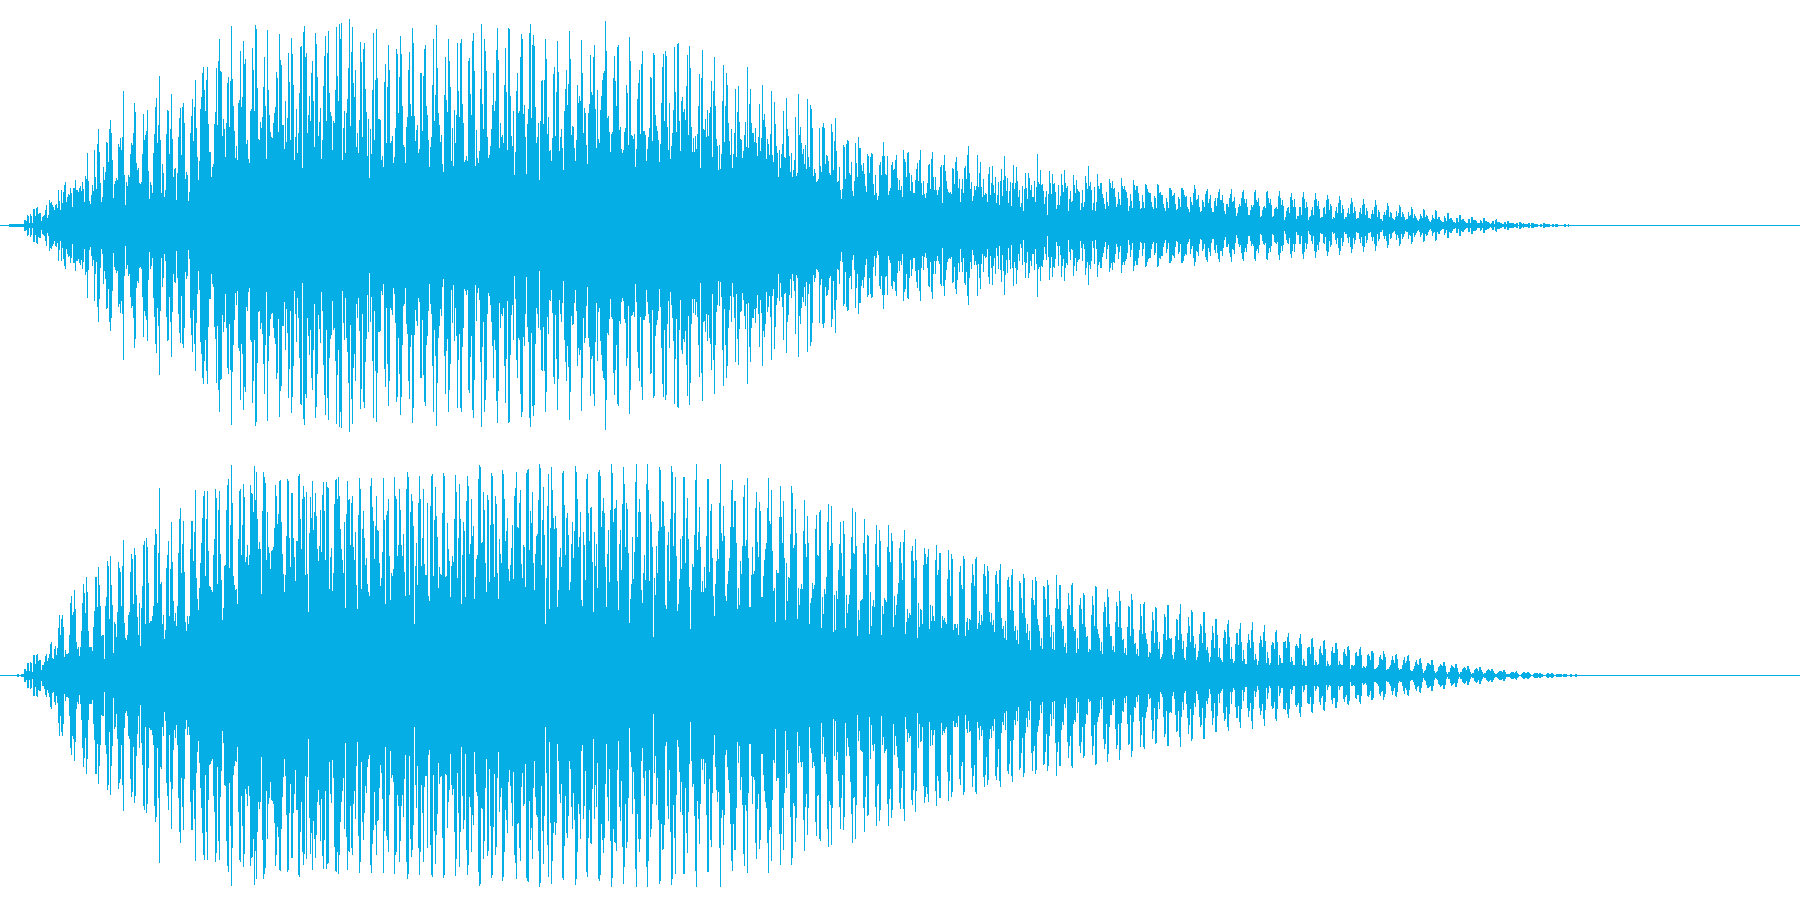 サウンドロゴ【宇宙】光の未来・壮大な空間の再生済みの波形